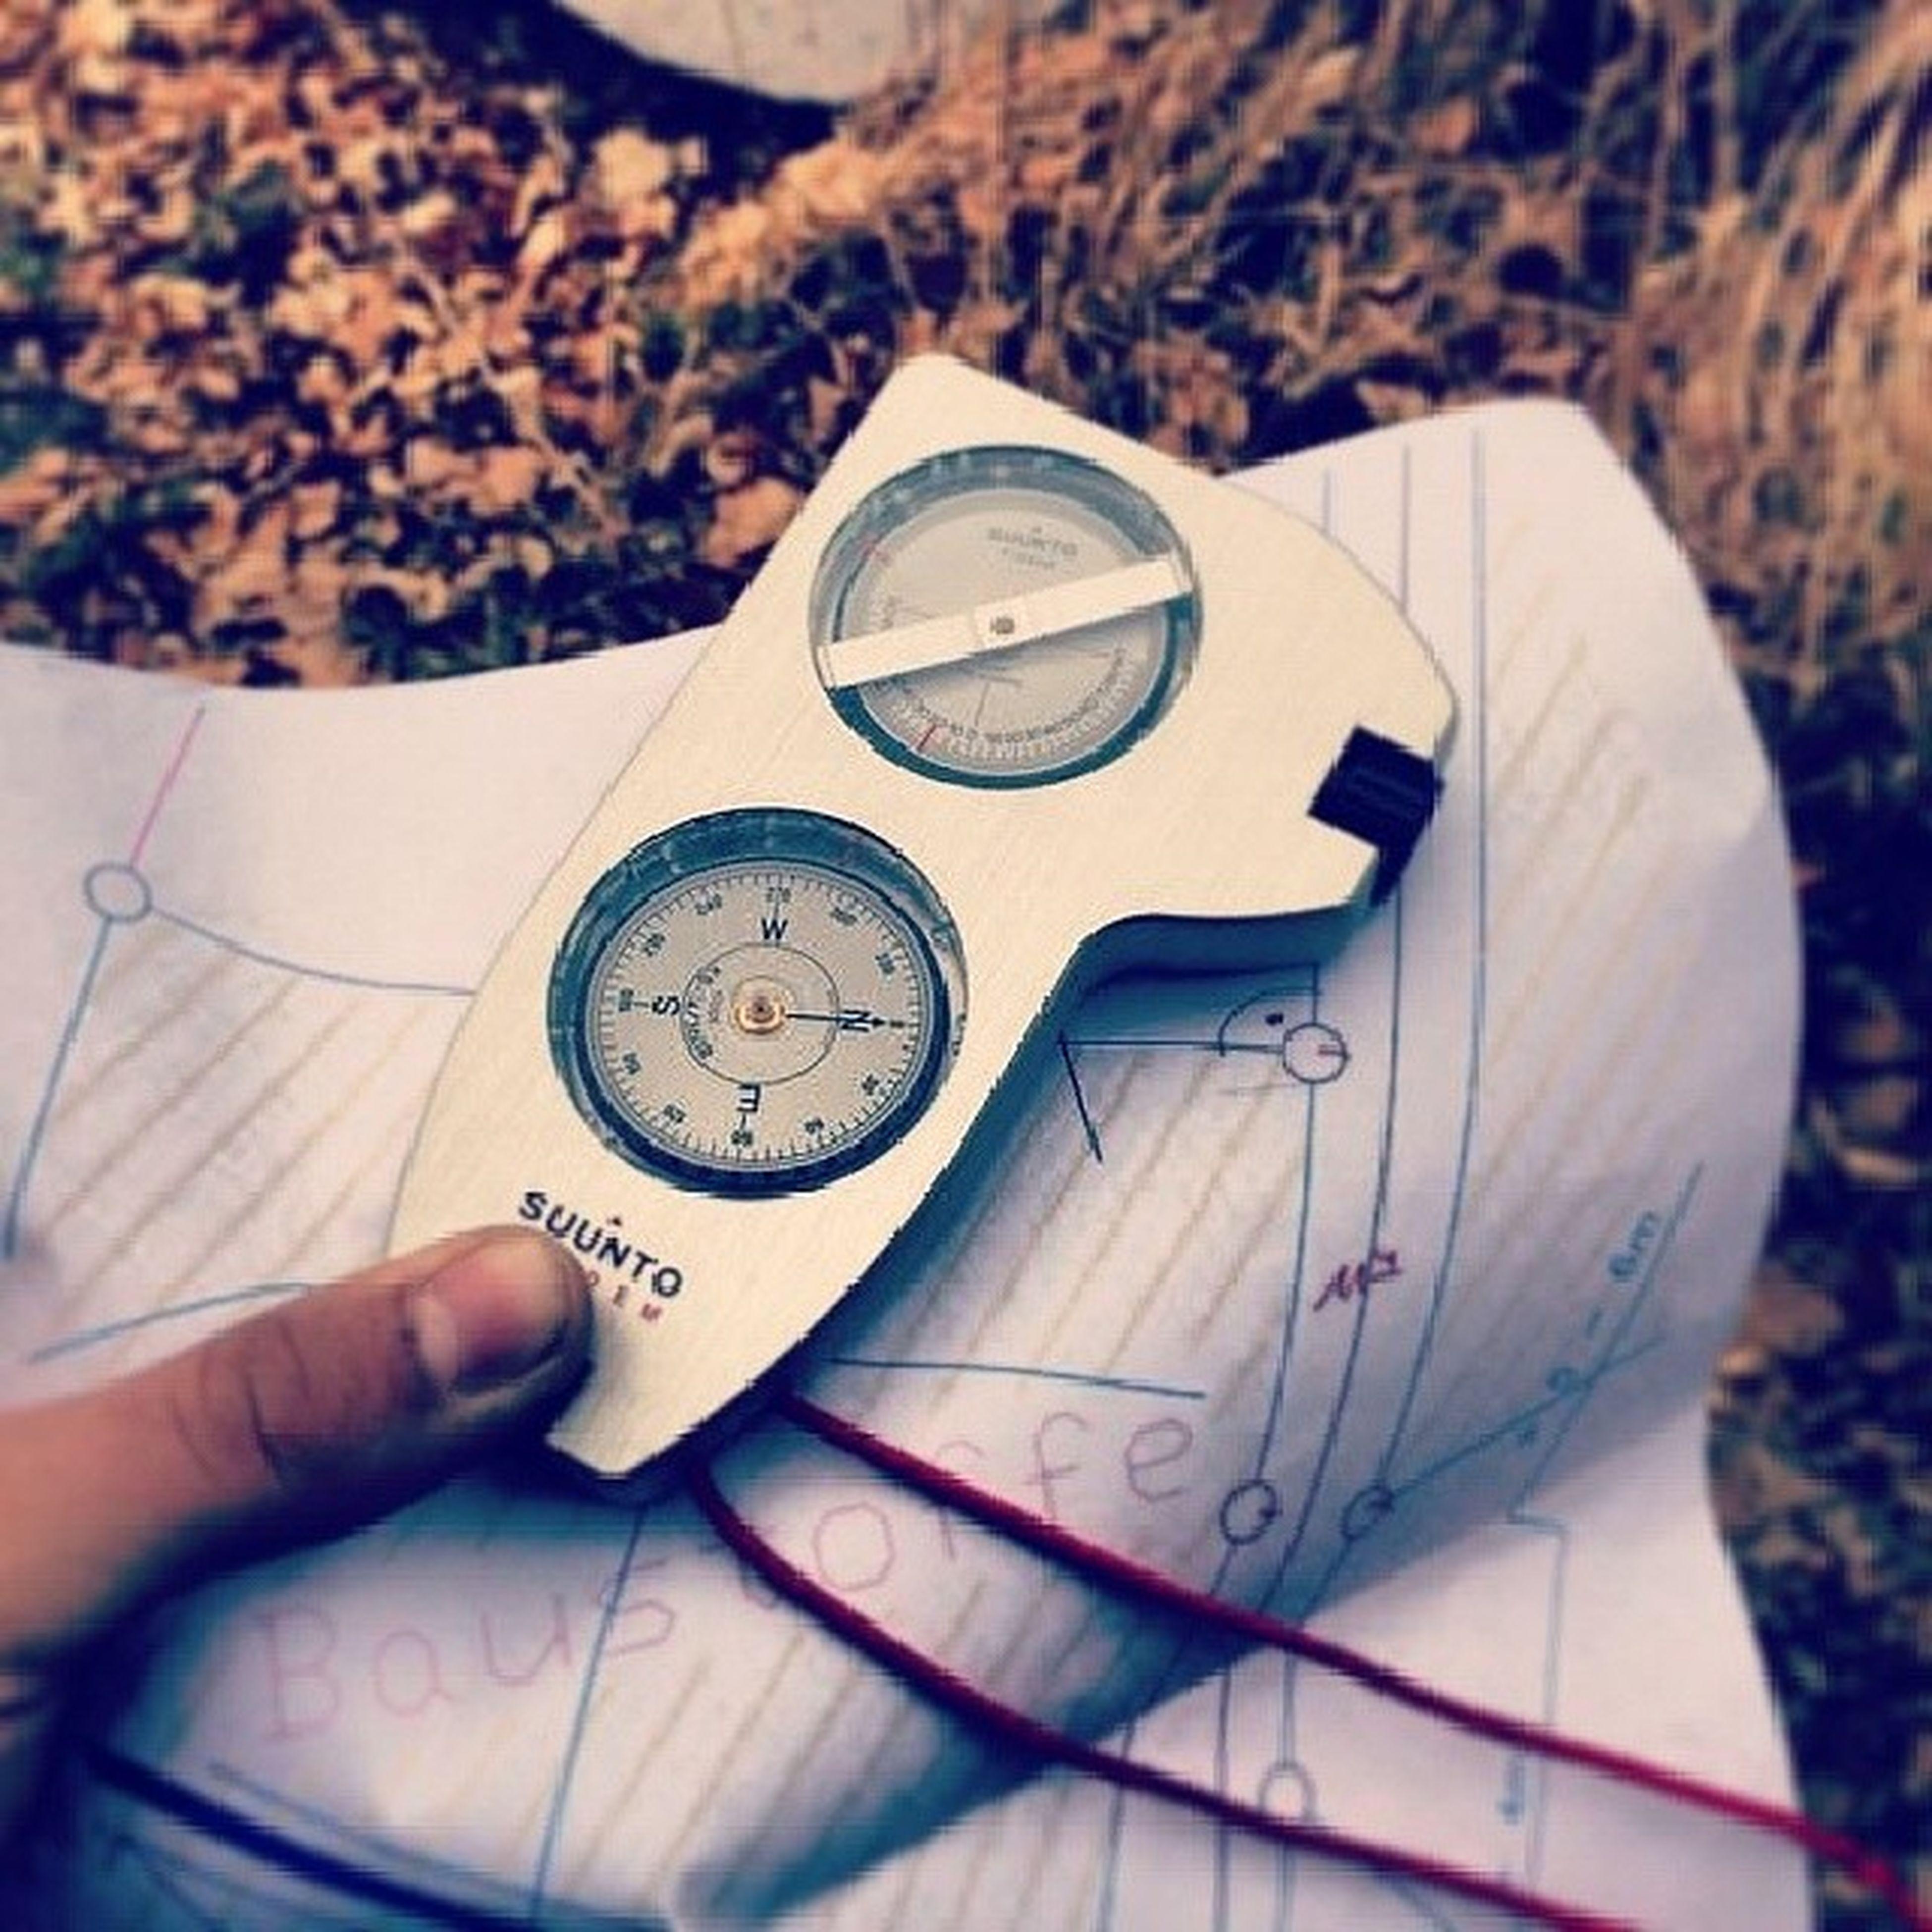 Geodaesie Suunto Tandem Clinometer boussolefeldvermessungforstwirtschaftrohstoffgewinnungsteinbruchmultitool